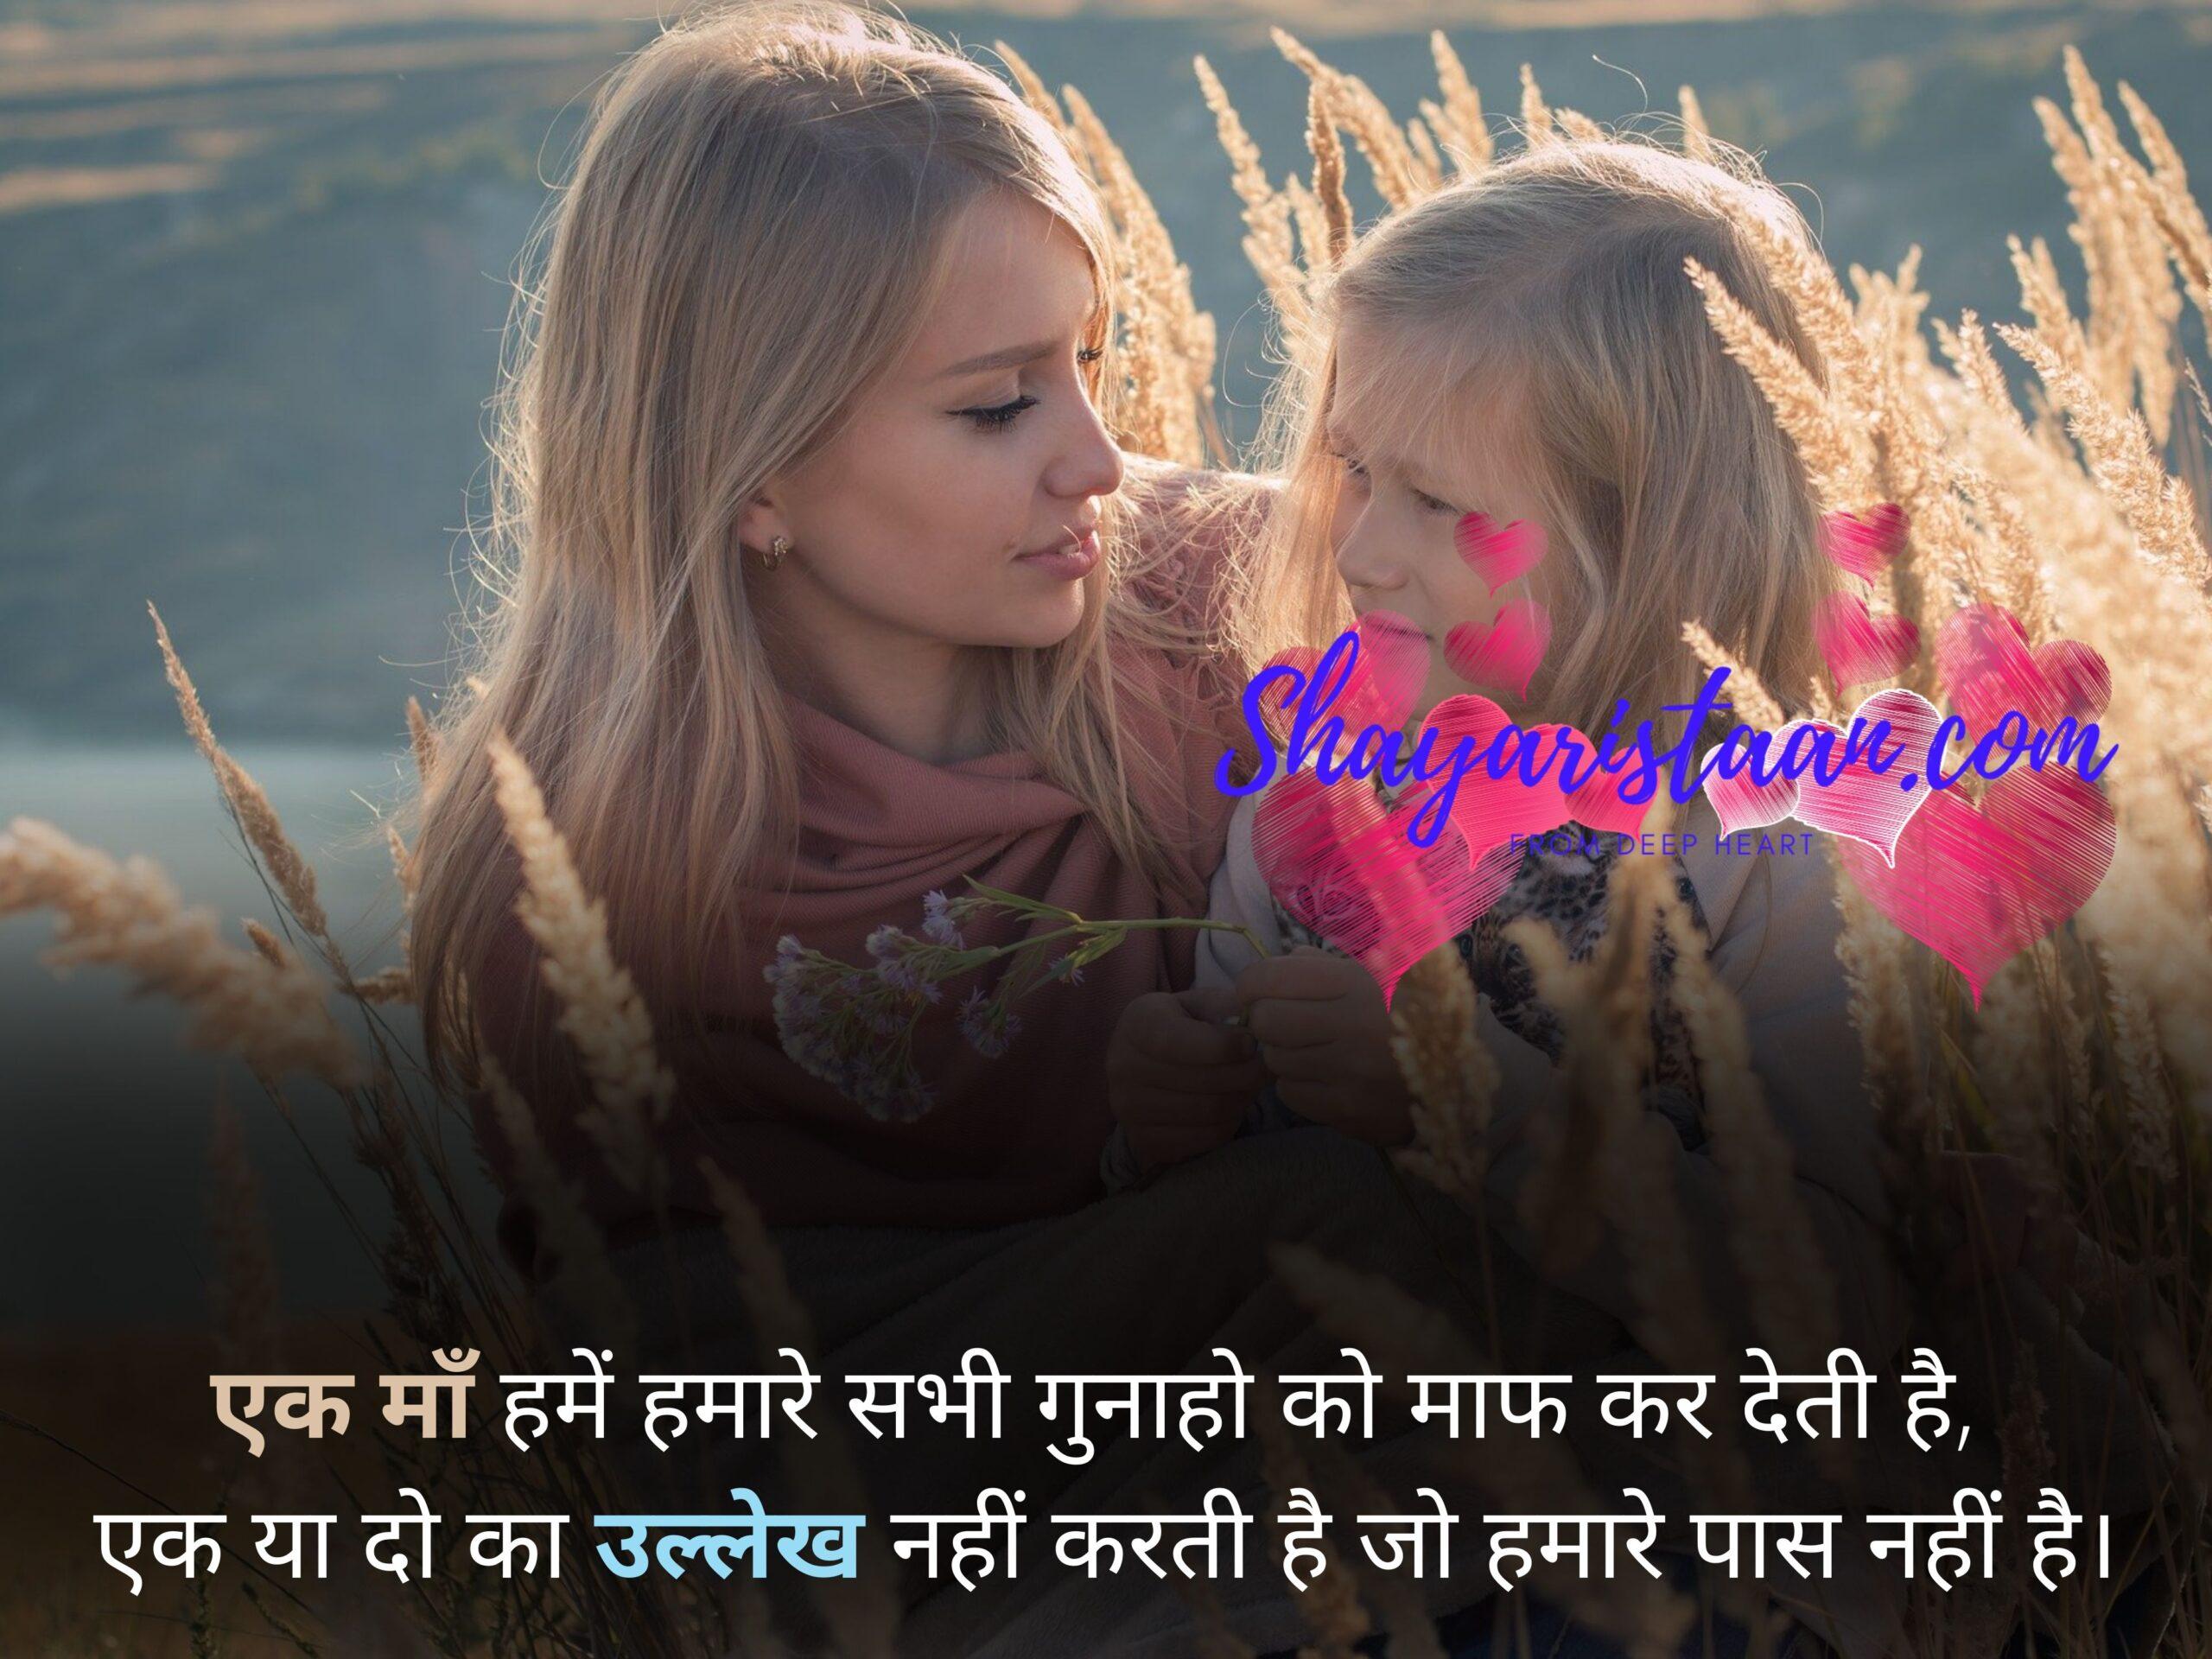   एक माँ हमें हमारे सभी गुनाहो को माफ कर देती है, एक या दो का उल्लेख नहीं करती है जो हमारे पास नहीं है।